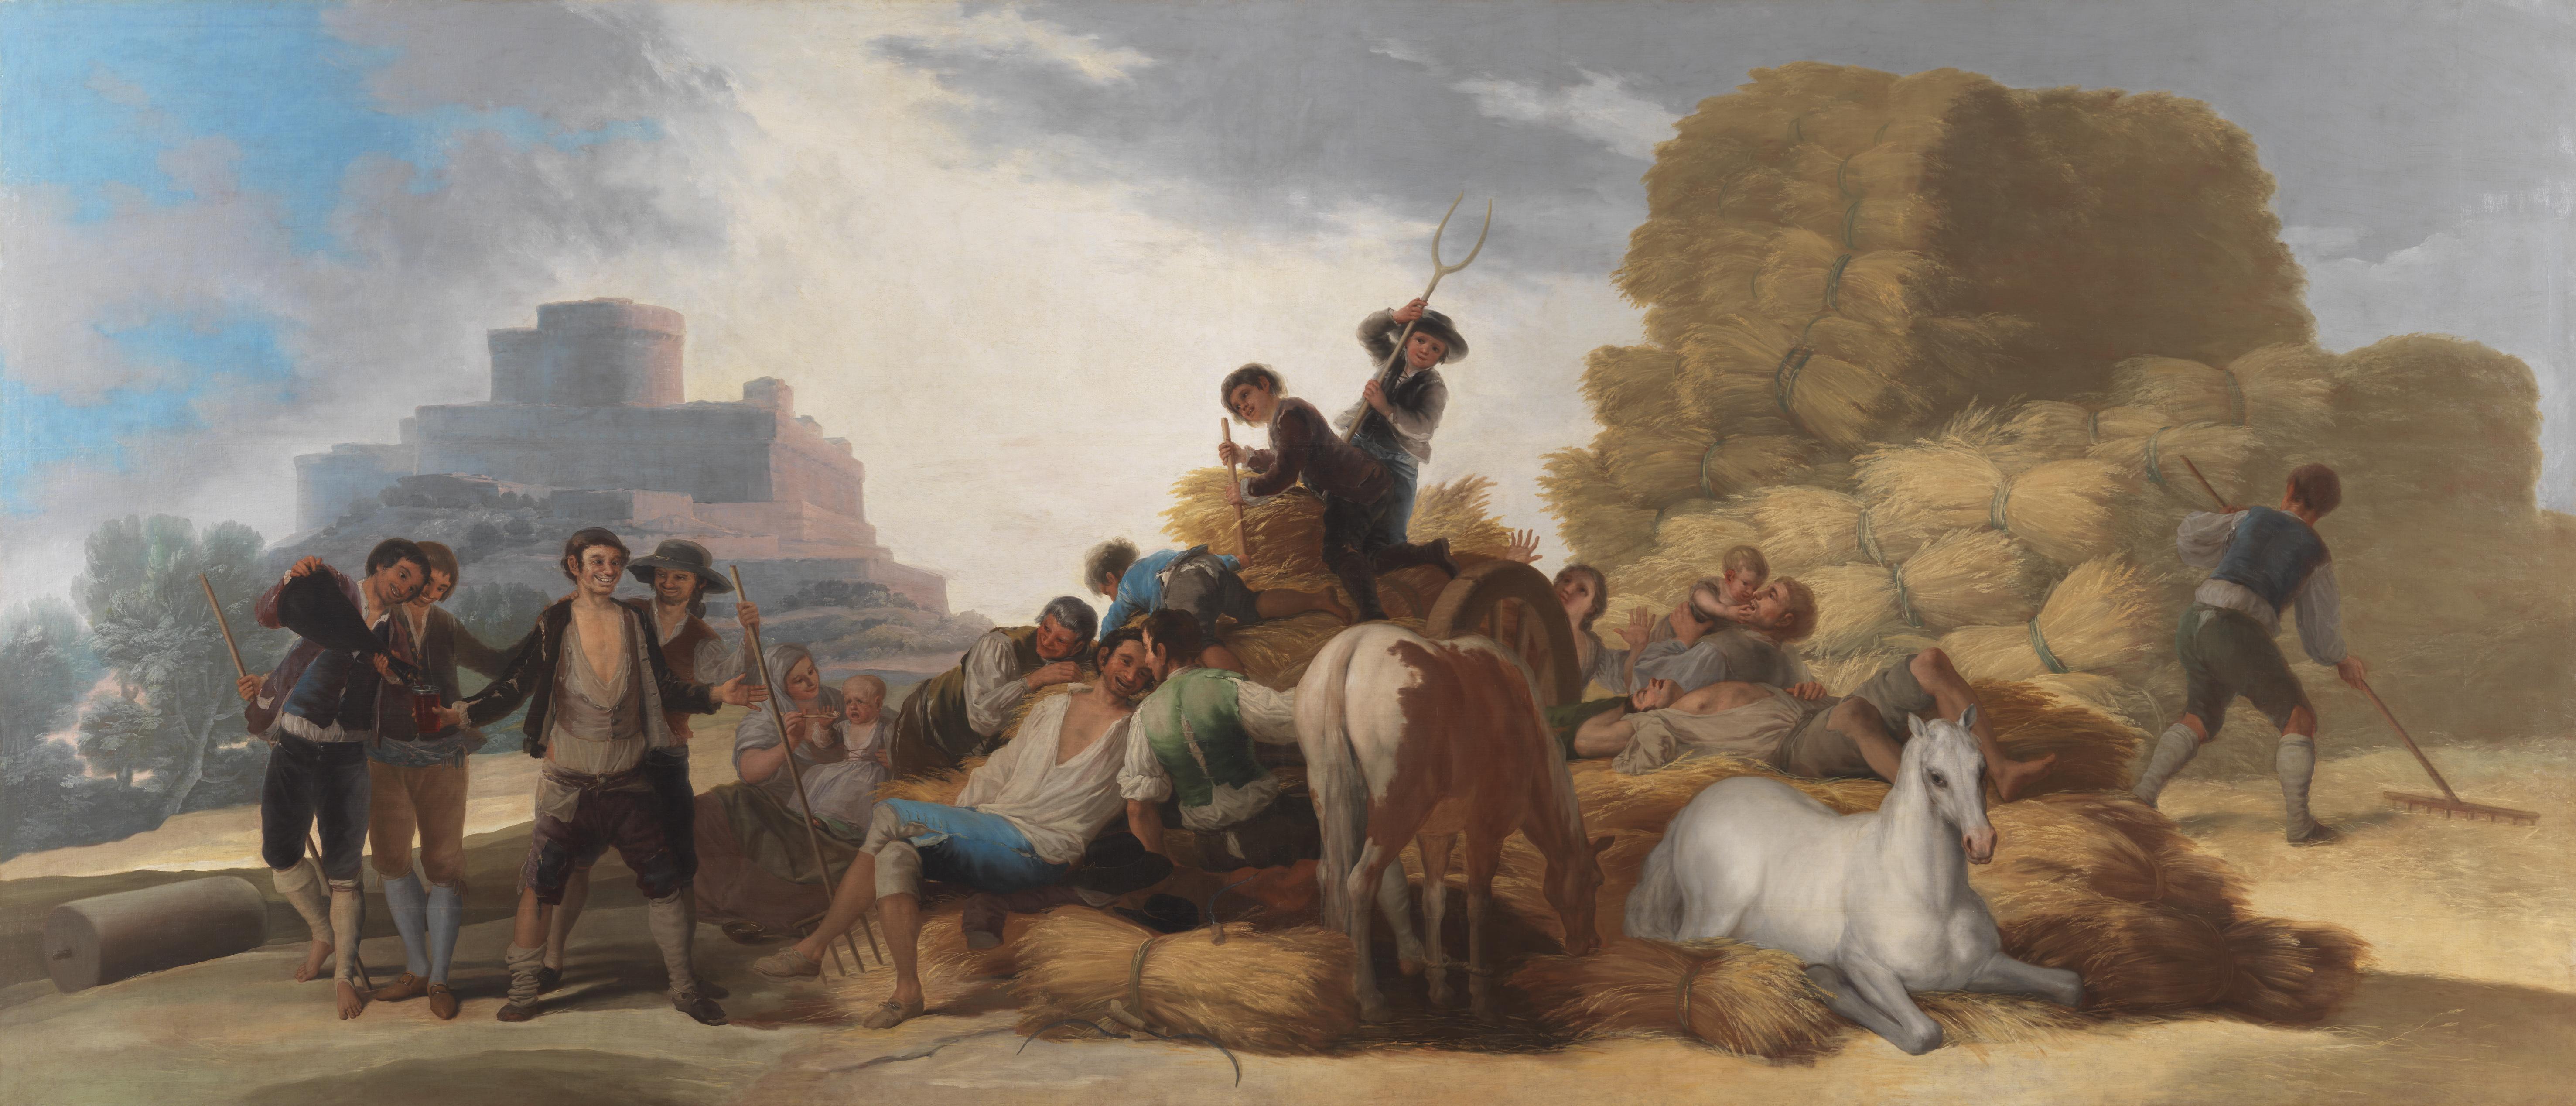 Francisco de Goya: La era o el Verano. Después de la restauración. Museo Nacional del Prado, Madrid.